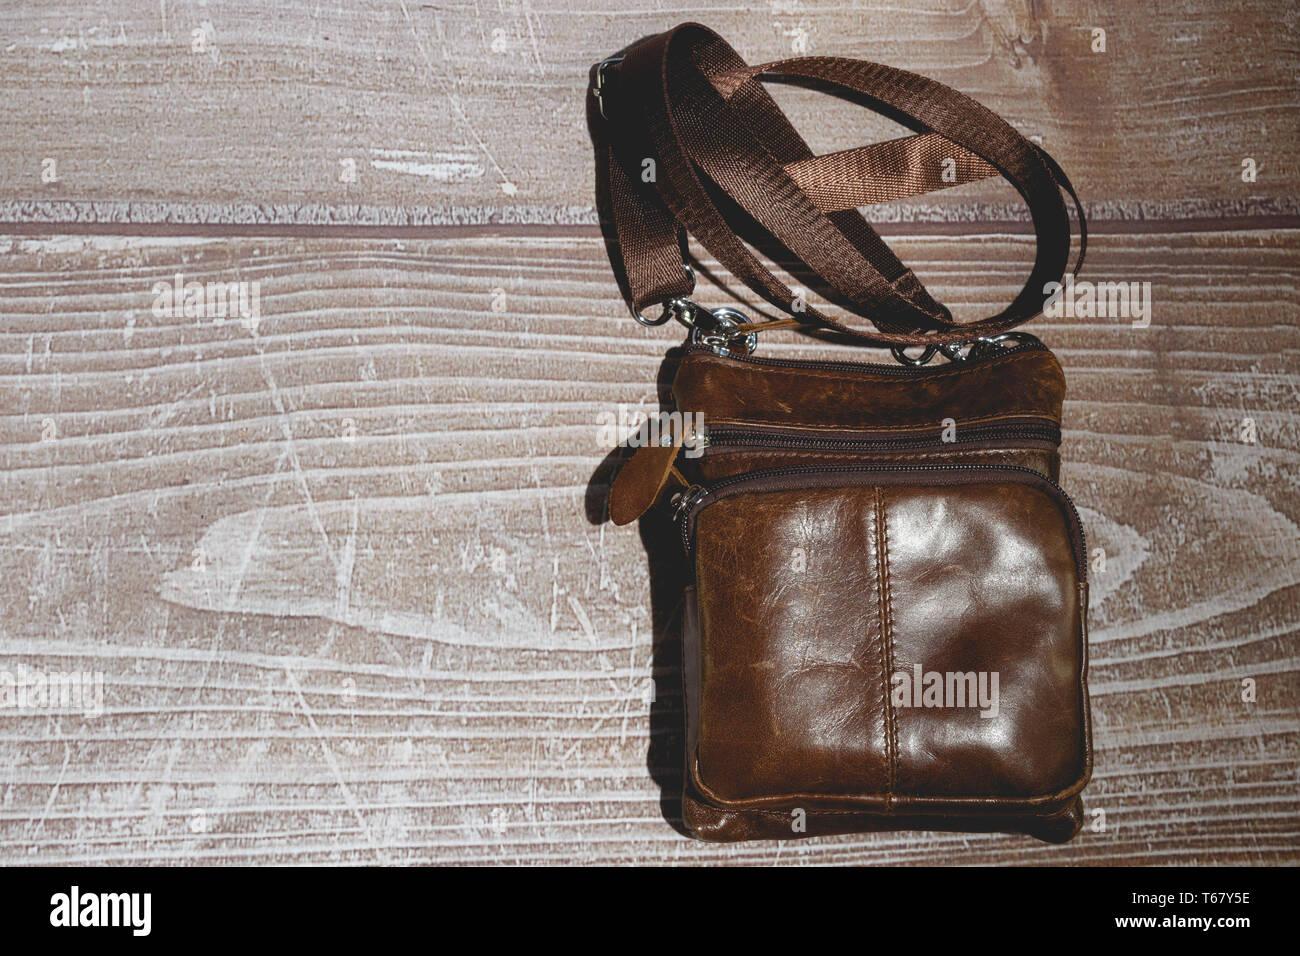 fc4942d596 Borsa A Tracolla Immagini & Borsa A Tracolla Fotos Stock - Alamy